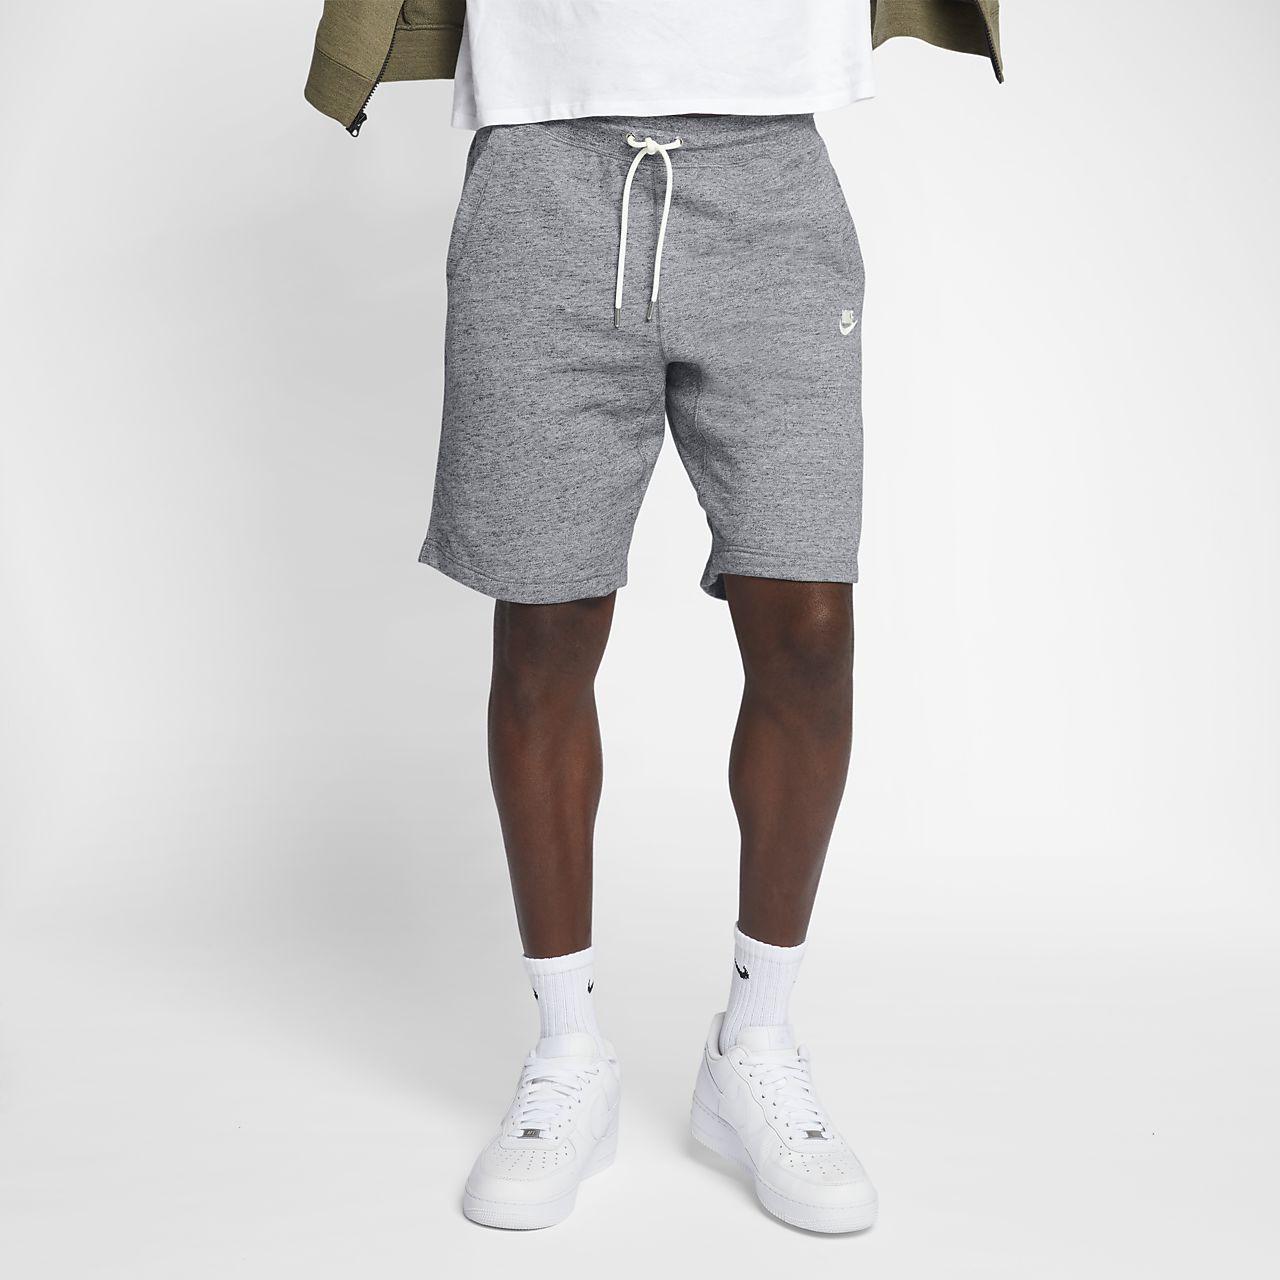 Low Resolution Nike Sportswear Legacy Men's Shorts Nike Sportswear Legacy  Men's Shorts